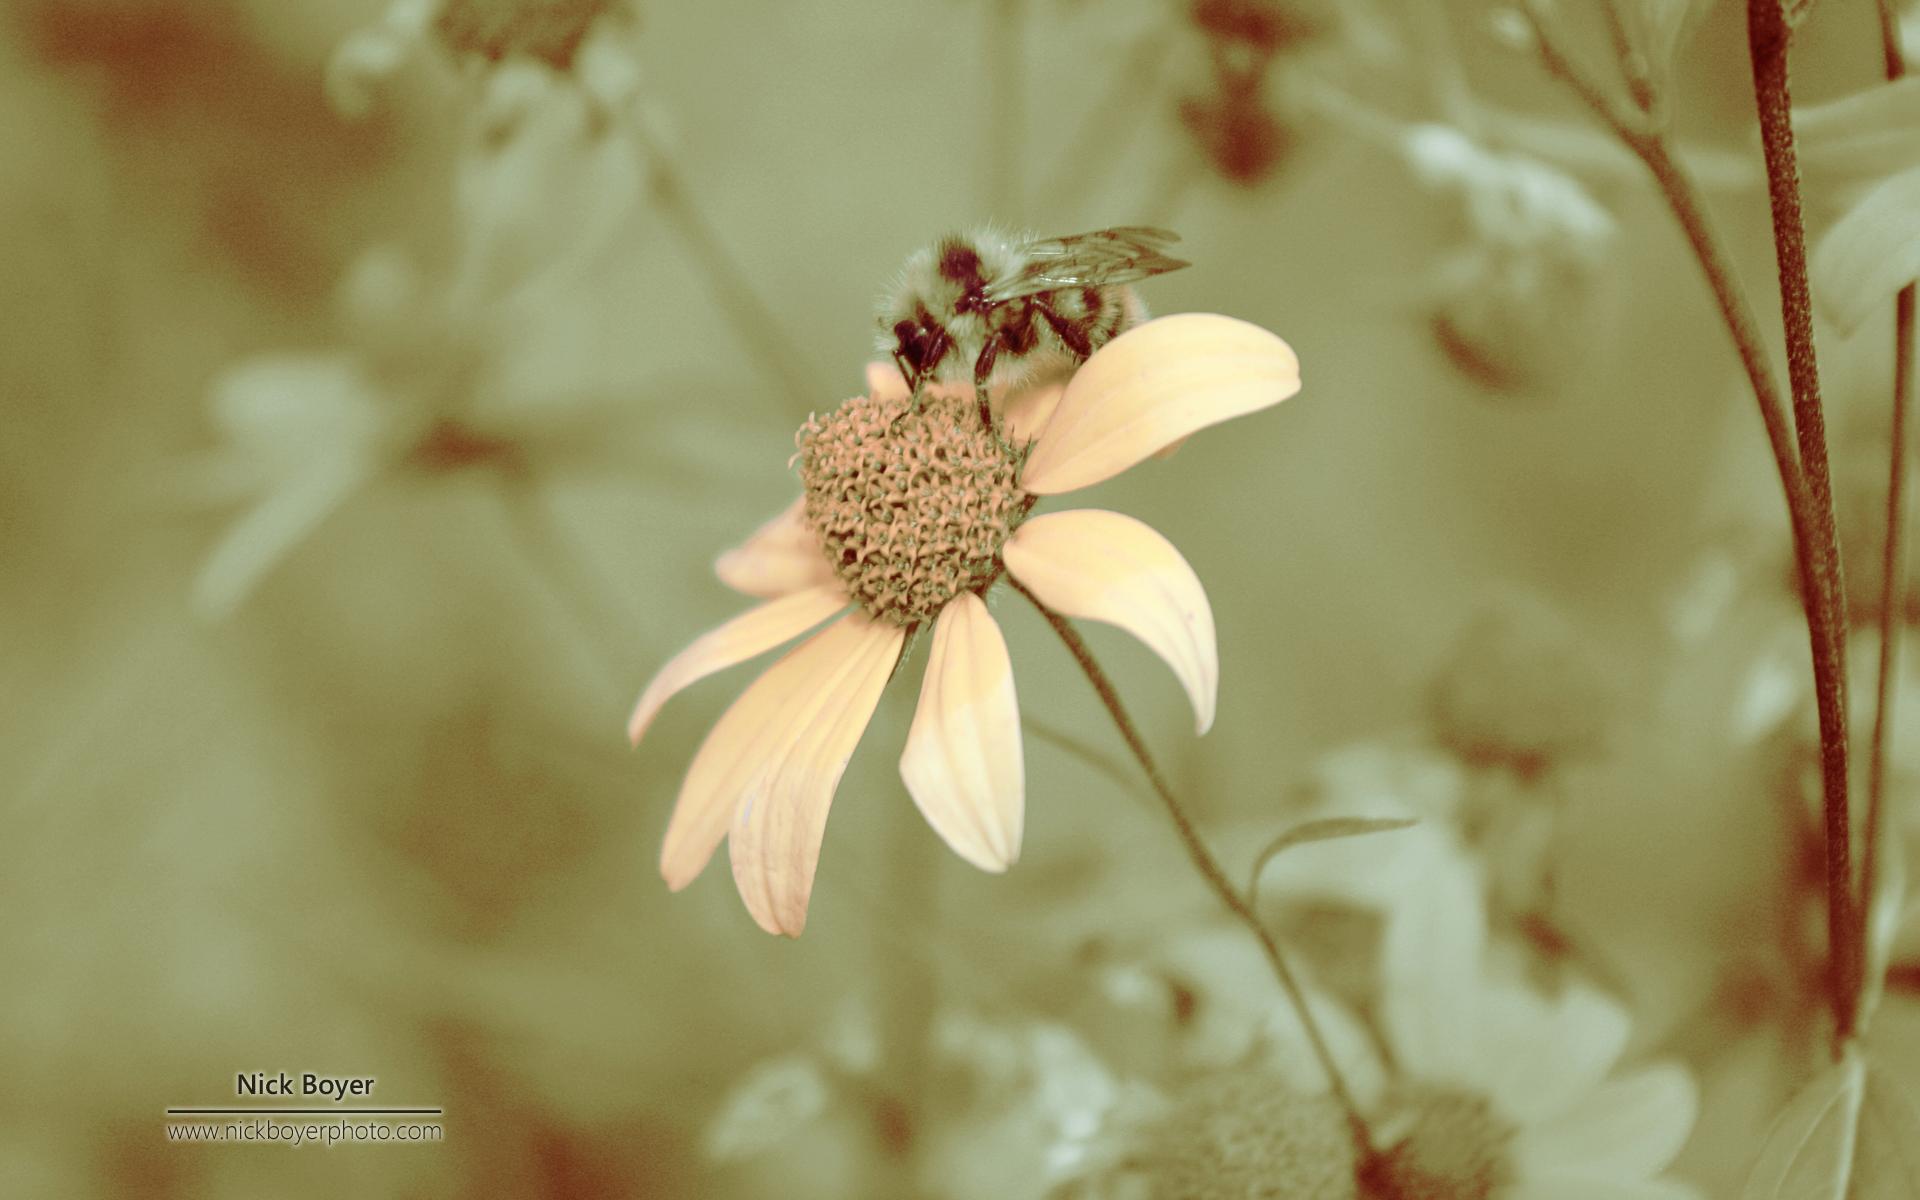 virage-sepia-et-fond-ecran-de-fleurs-pour-ecran-large-et-portable